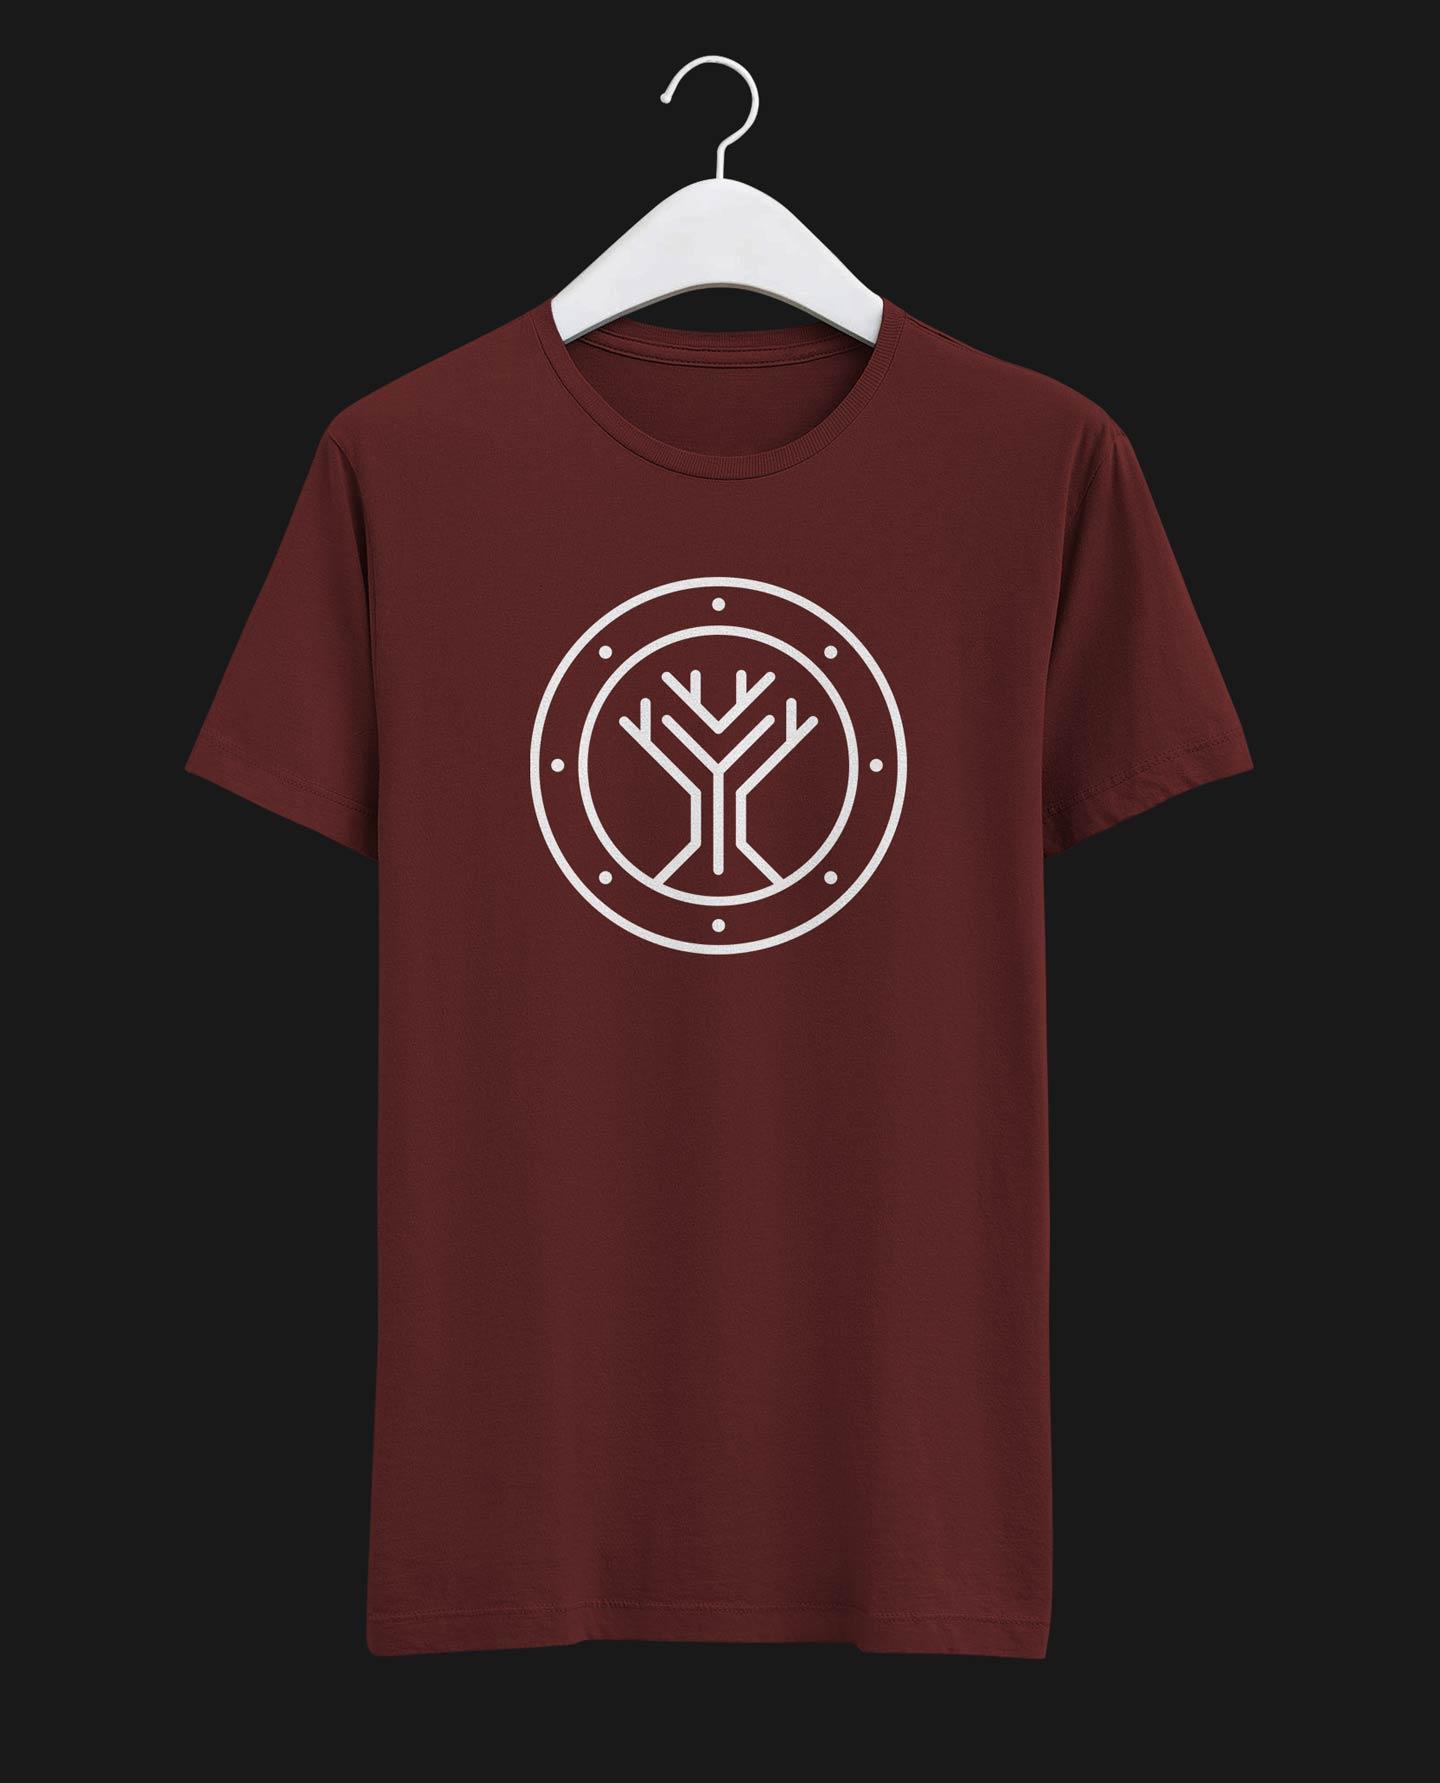 yggdrasil_shirt-1